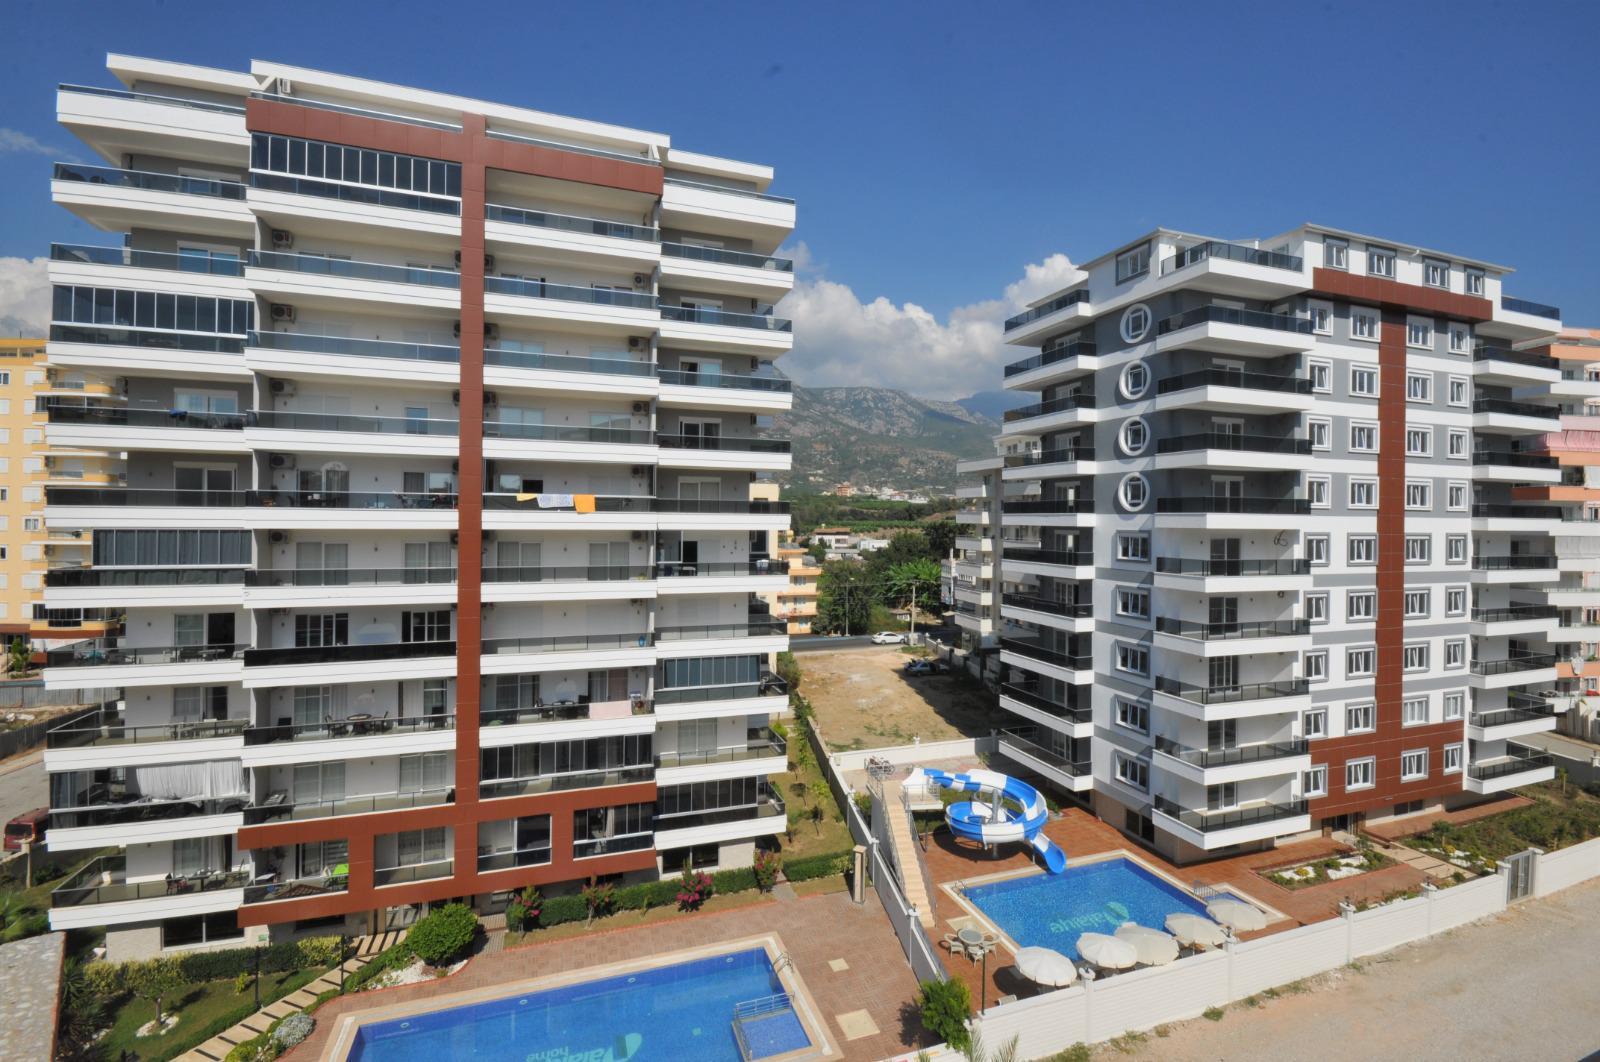 Квартира 1+1 в жилом комплексе района Махмутлар - Фото 2